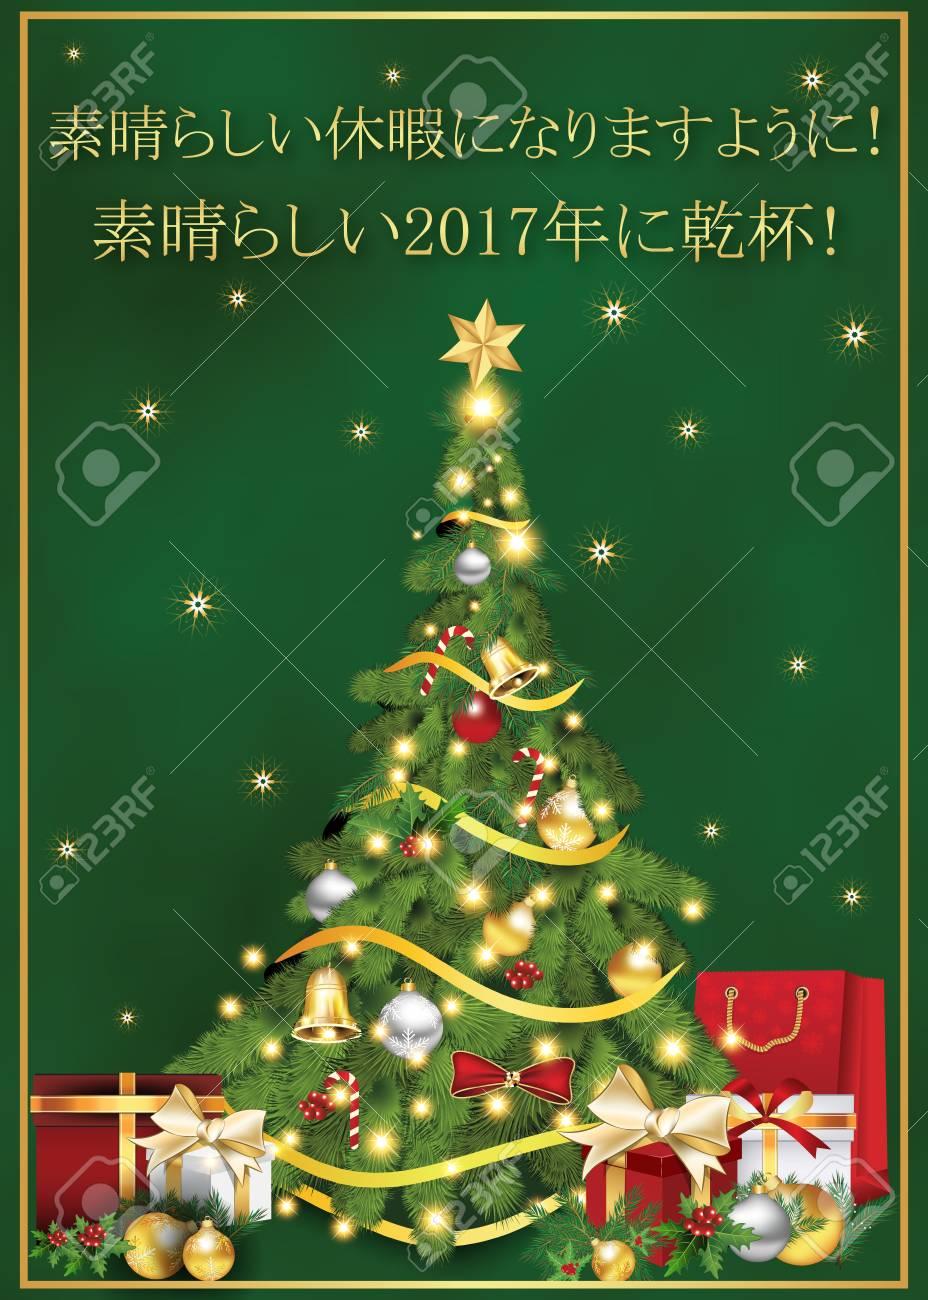 Japanische Grußkarte. Wir Wünschen Ihnen Frohe Weihnachten Und Ein ...